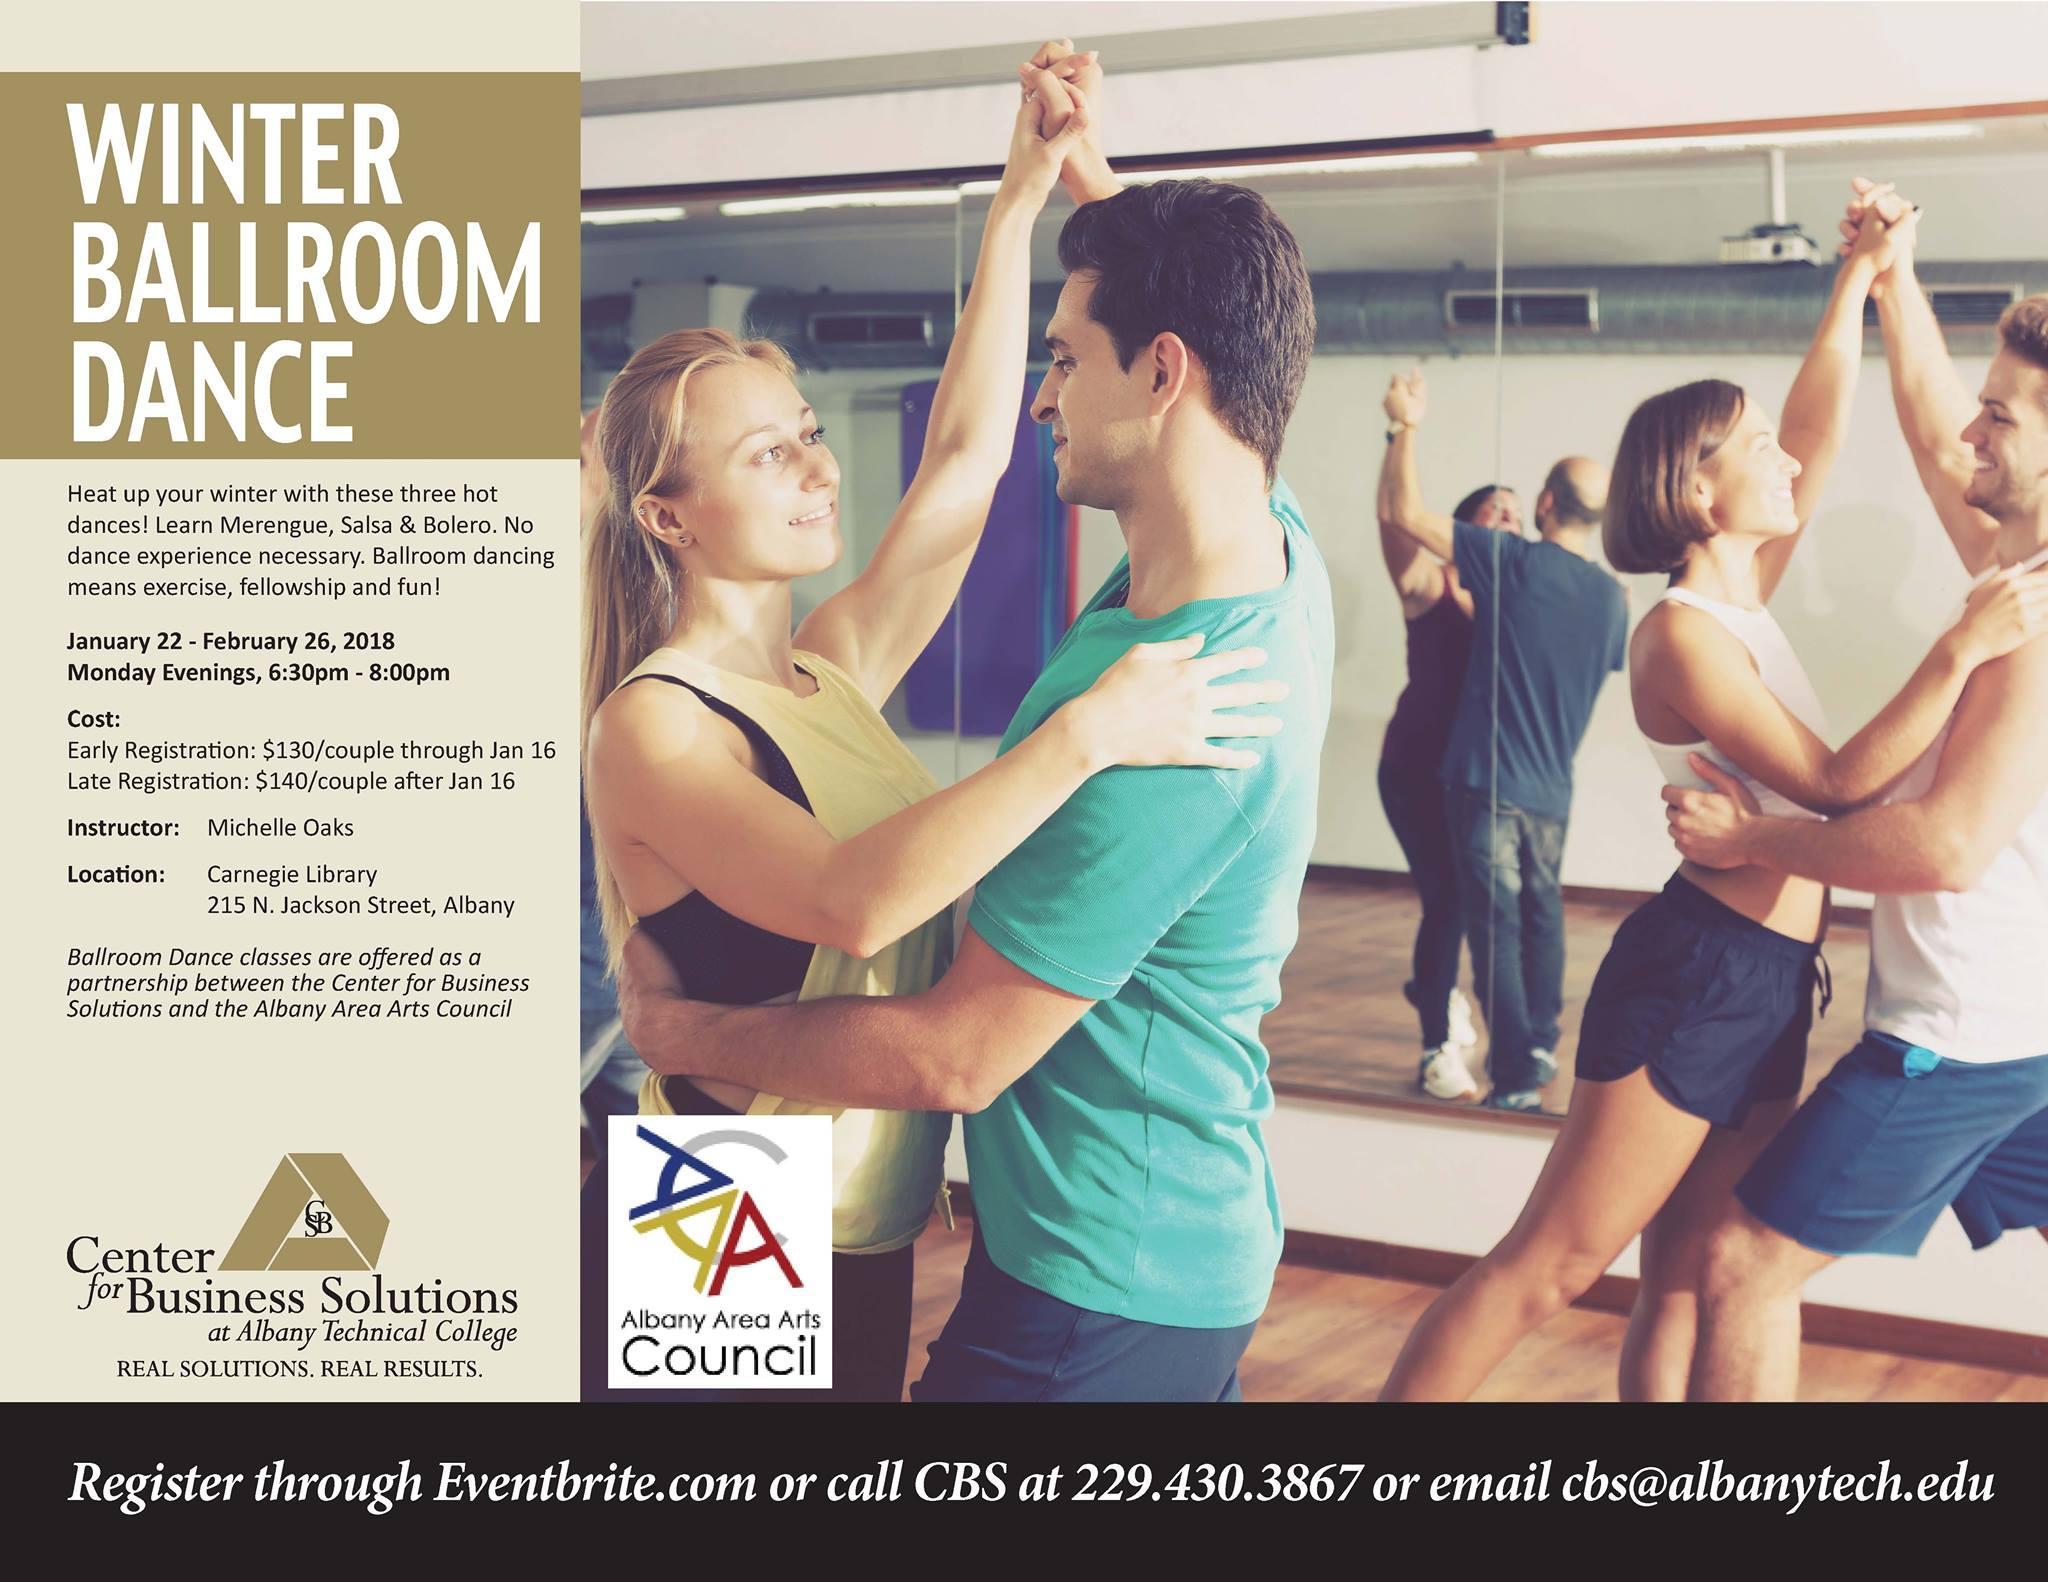 Winter Ballroom Dance Class